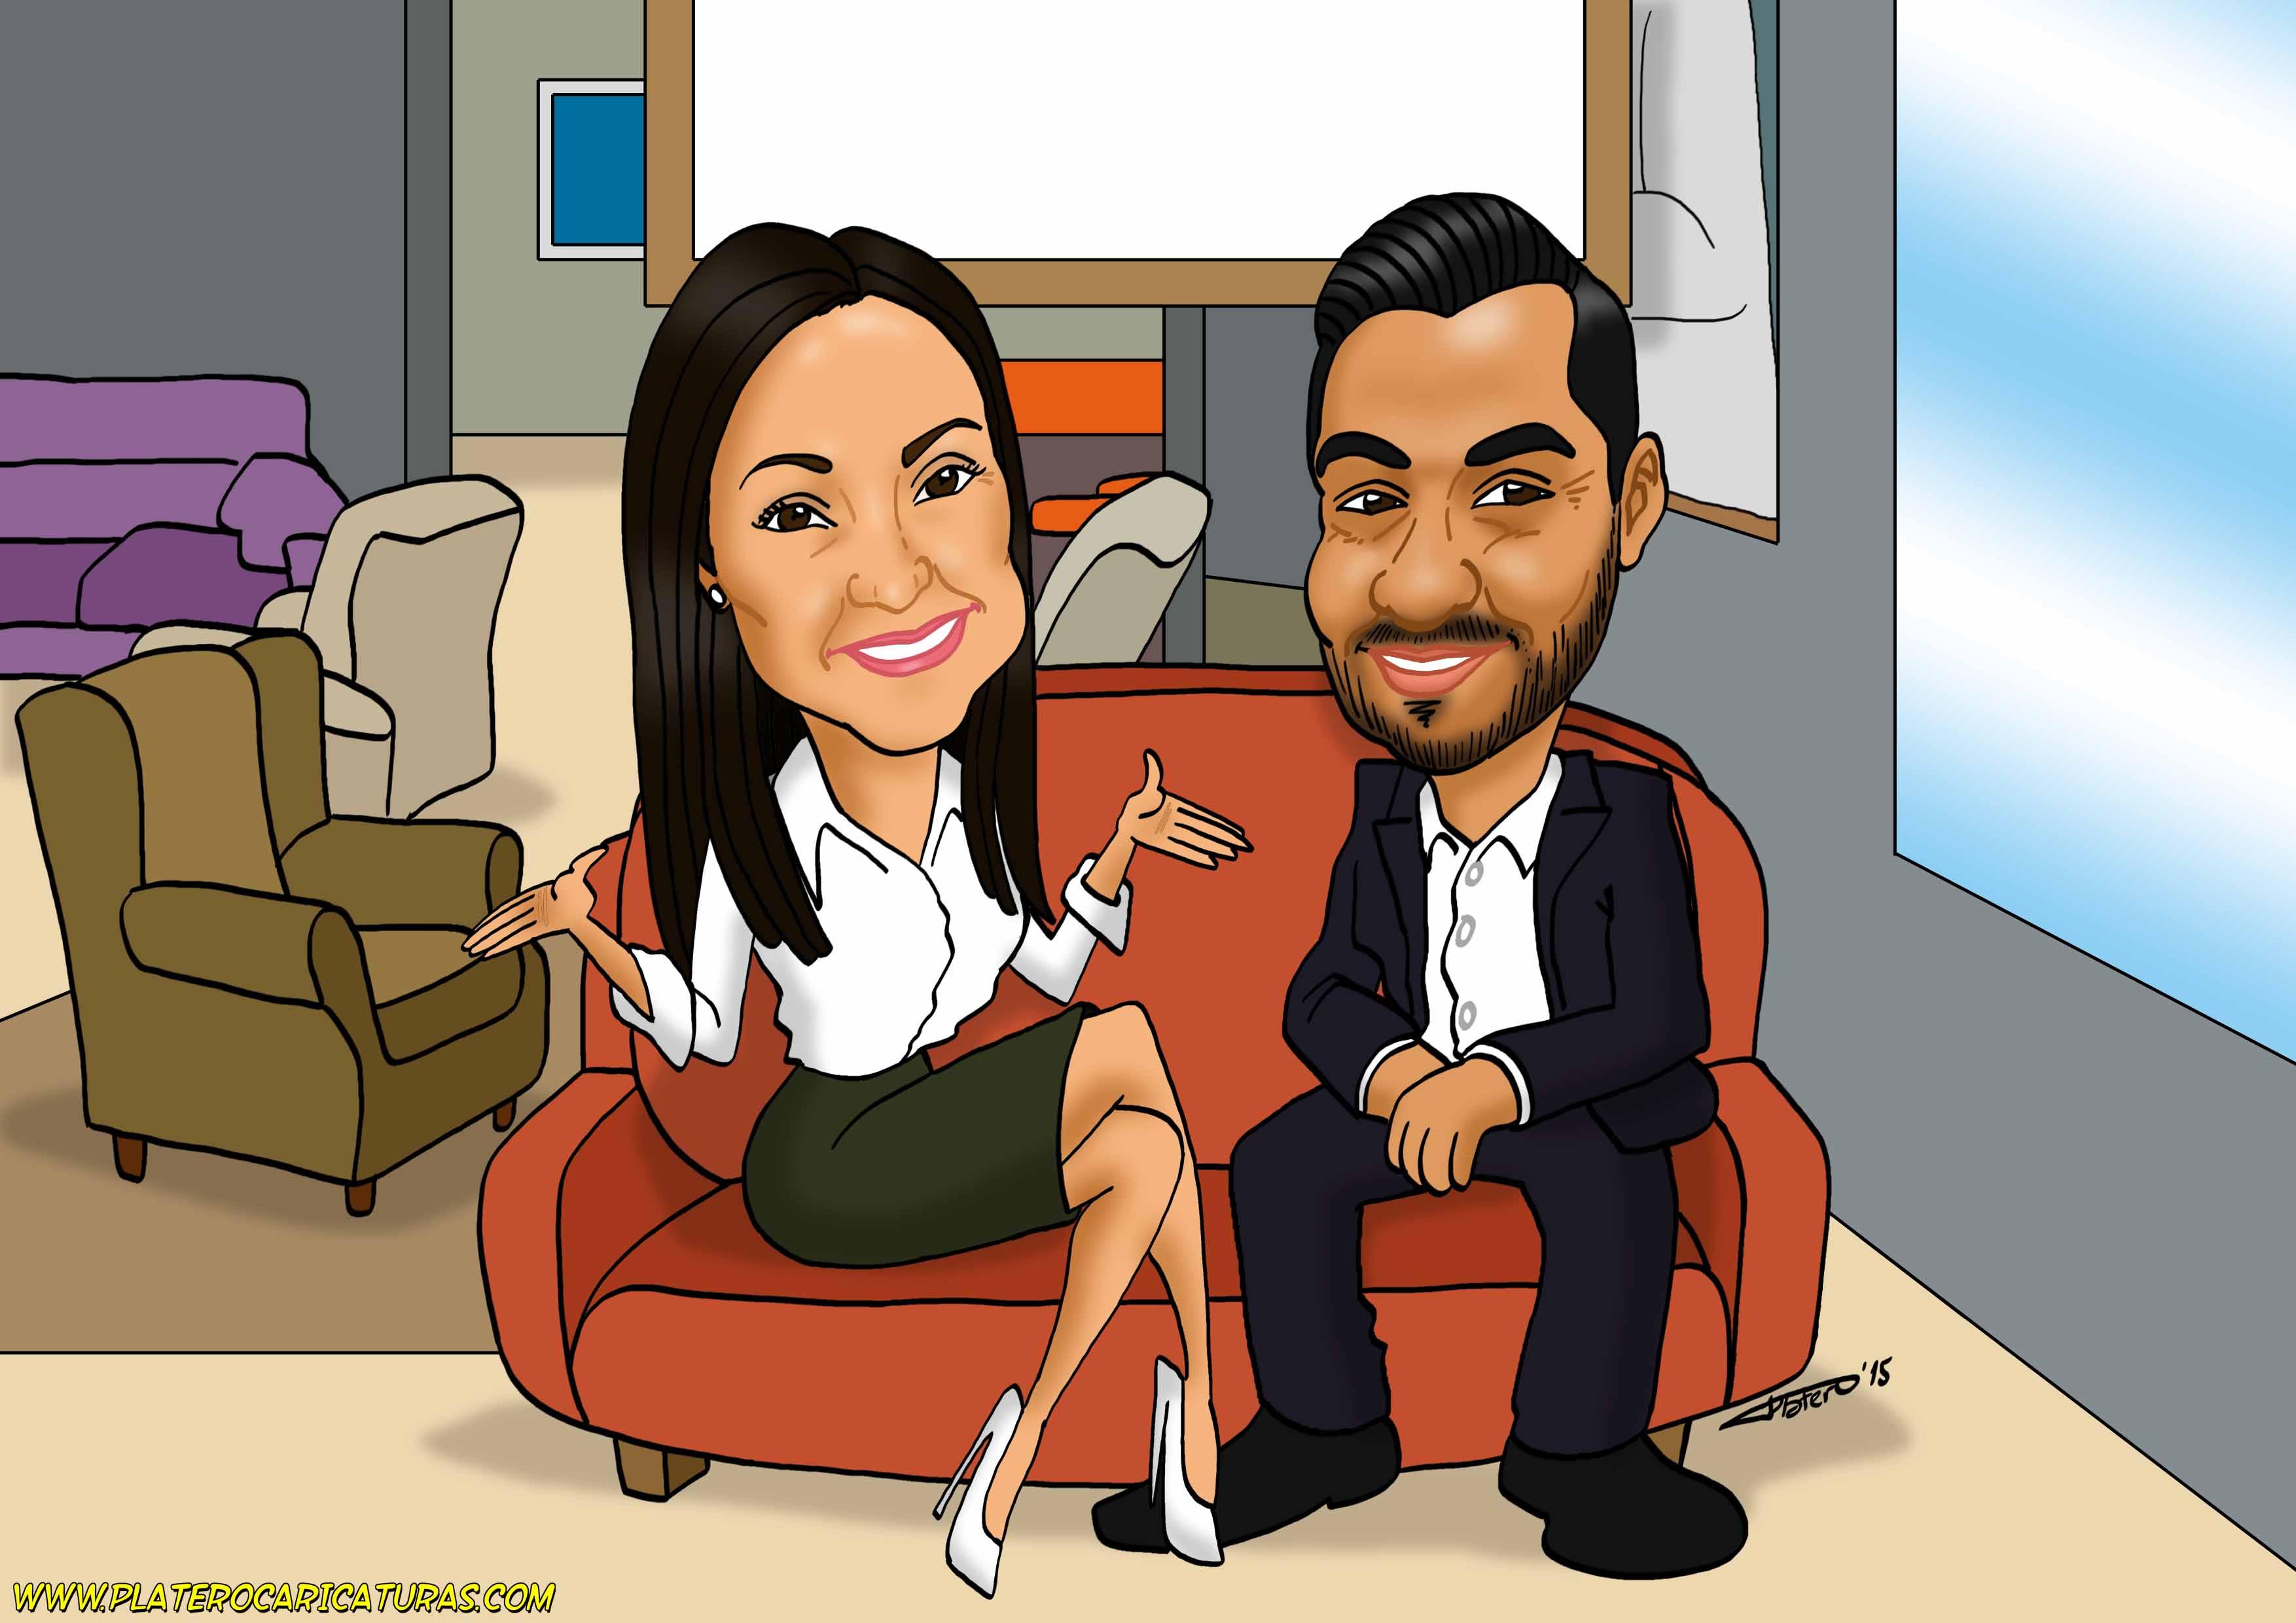 caricaturas_a_color_por_encargo_personalizadas_pareja_en_tienda_de_muebles_platerocaricaturas_elmund